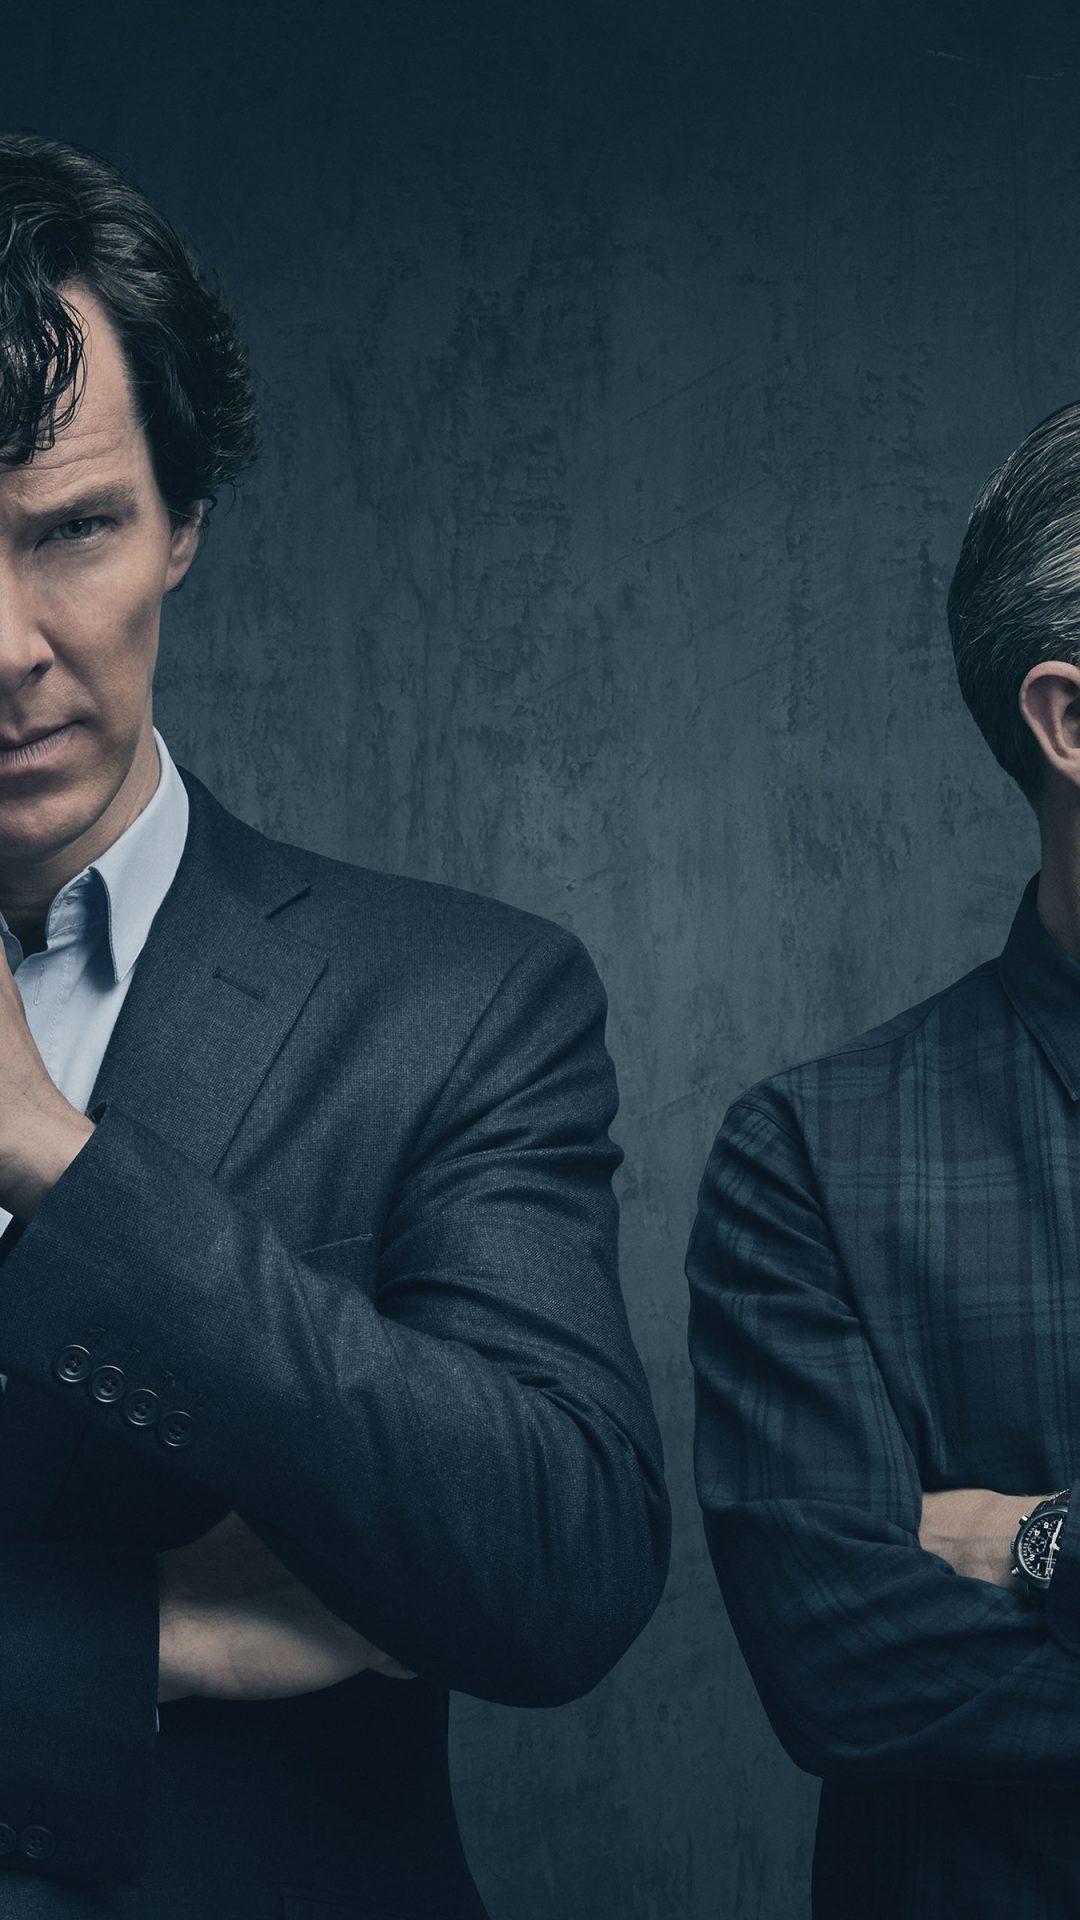 Sherlock Season 4 4K Wallpaper | HD Wallpaper Background